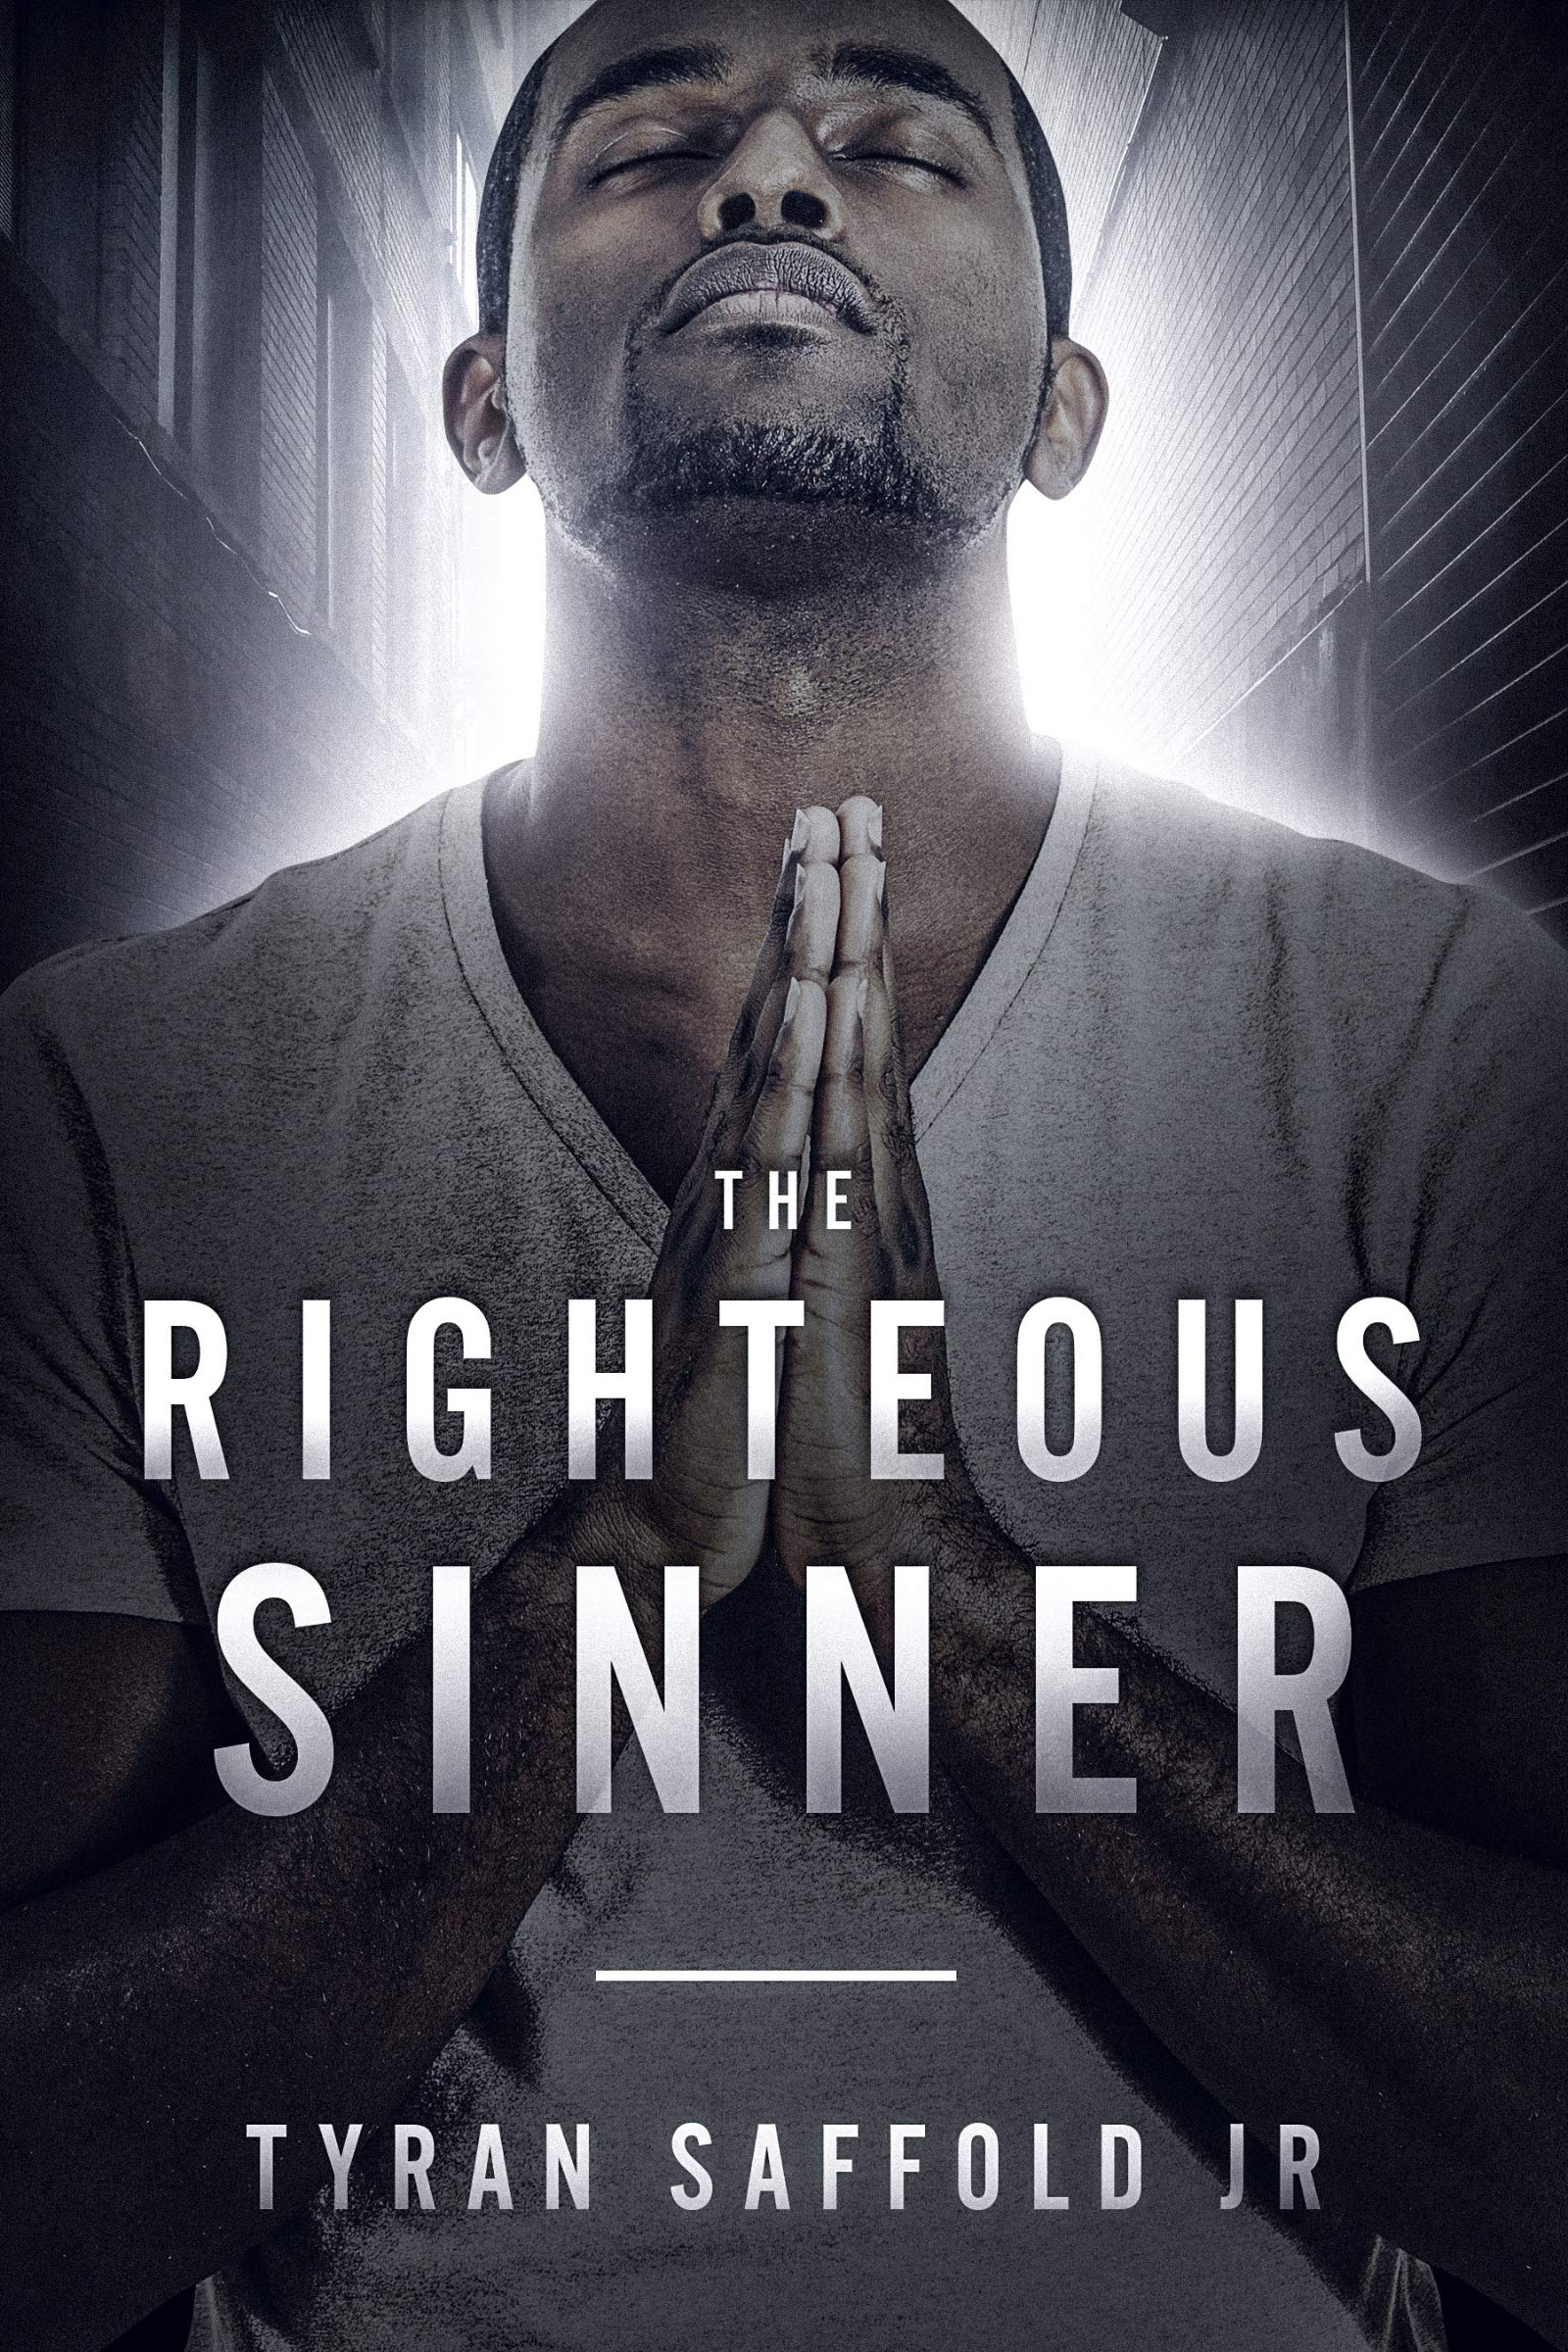 The Righteous Sinner Tyran Saffold Jr